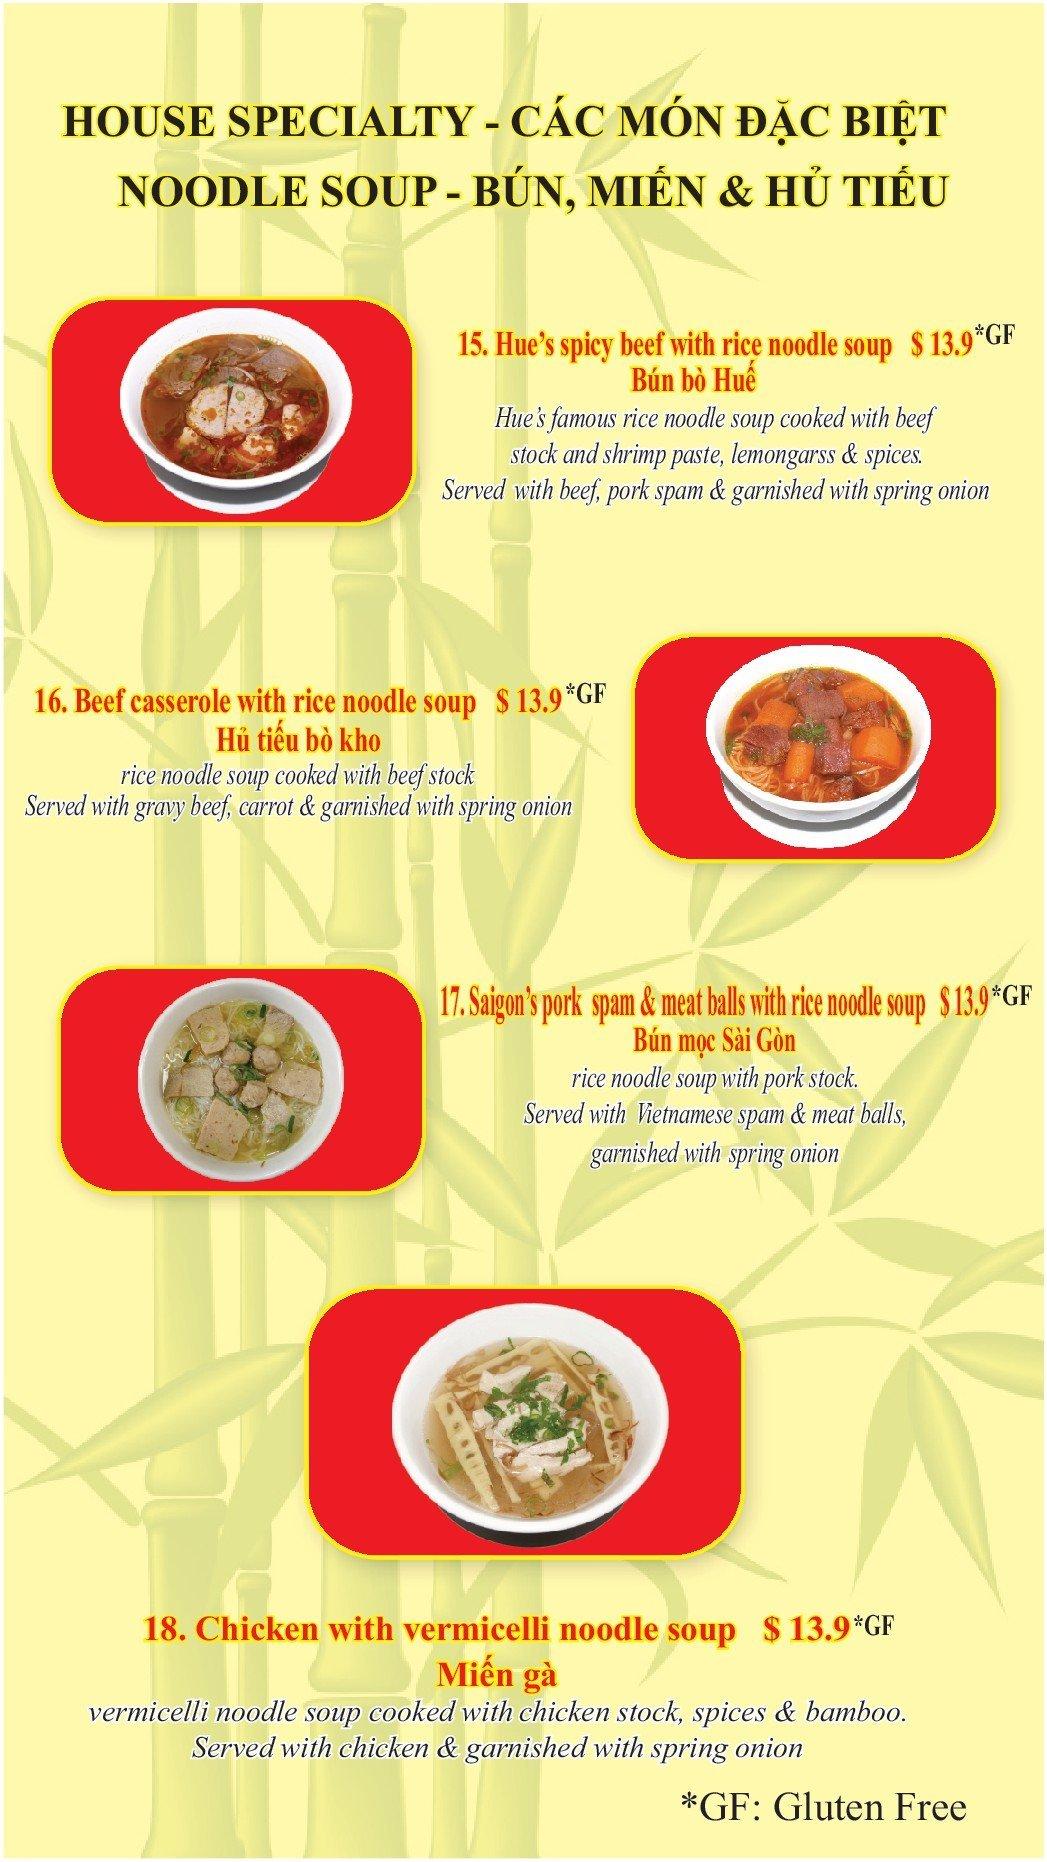 Specialty noodle soup dish menu